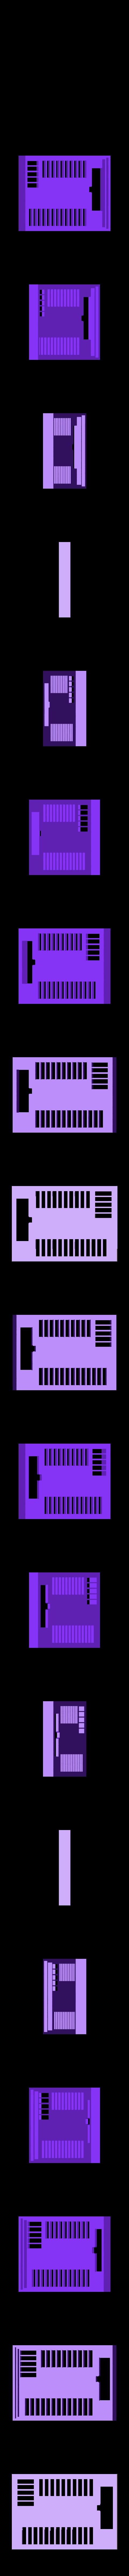 board_case2.STL Télécharger fichier STL gratuit Traxbot - une construction EZ-robot • Design imprimable en 3D, Laevalia